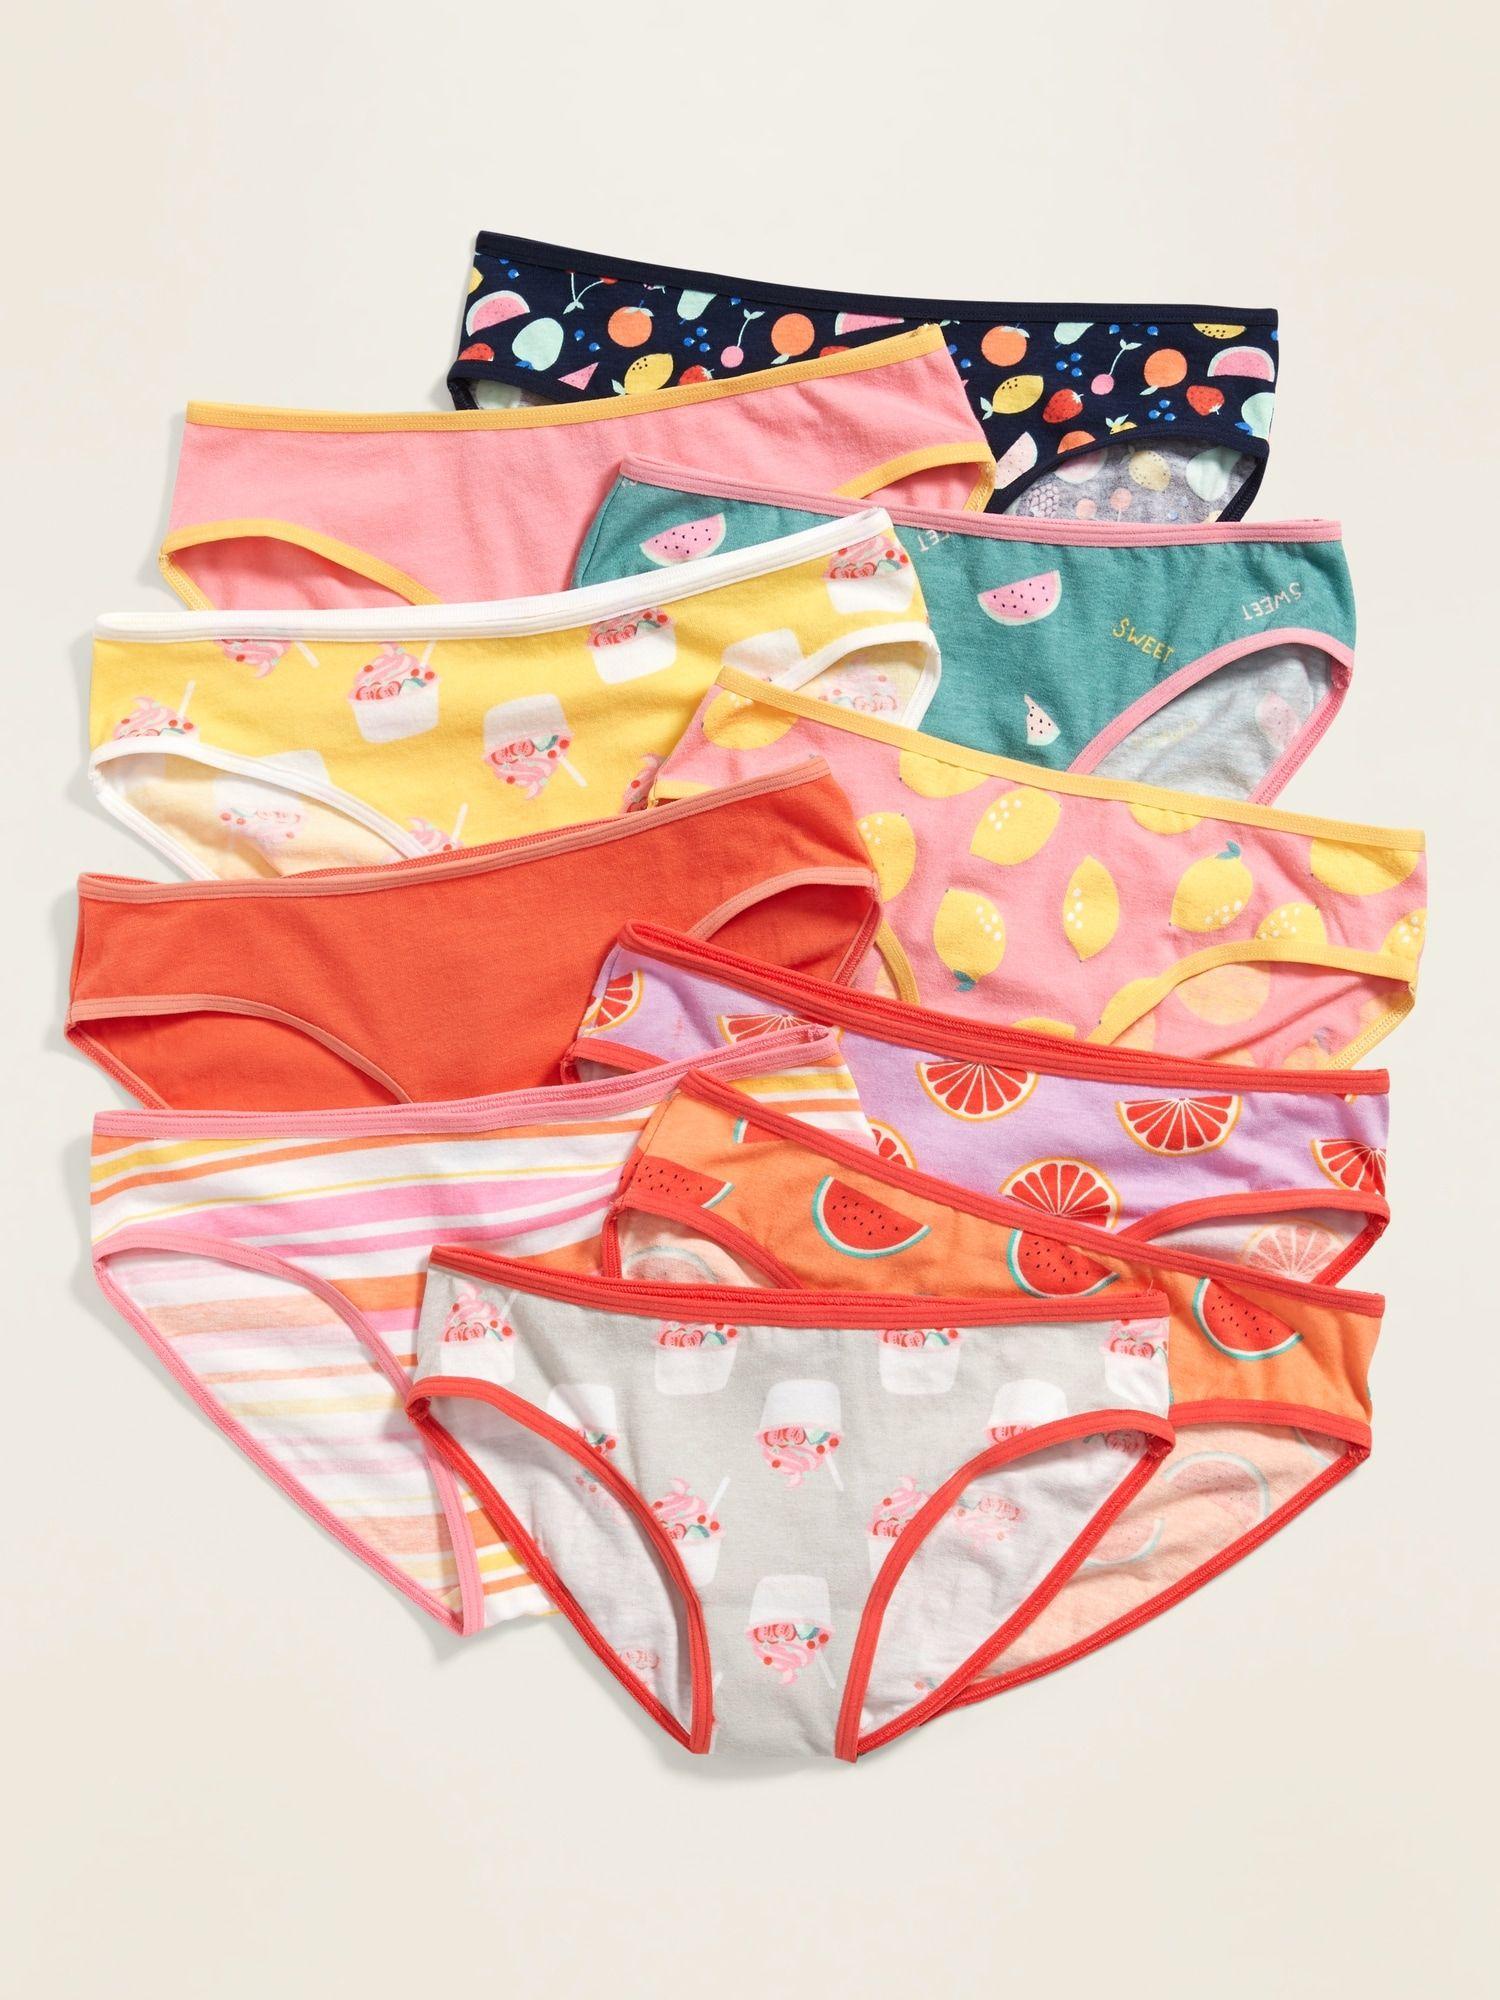 Pack of 4 Japanese Cotton High Waist Briefs for Women Culotte High Waist Panties Comfortable Soft and Comfortable High Waist Briefs